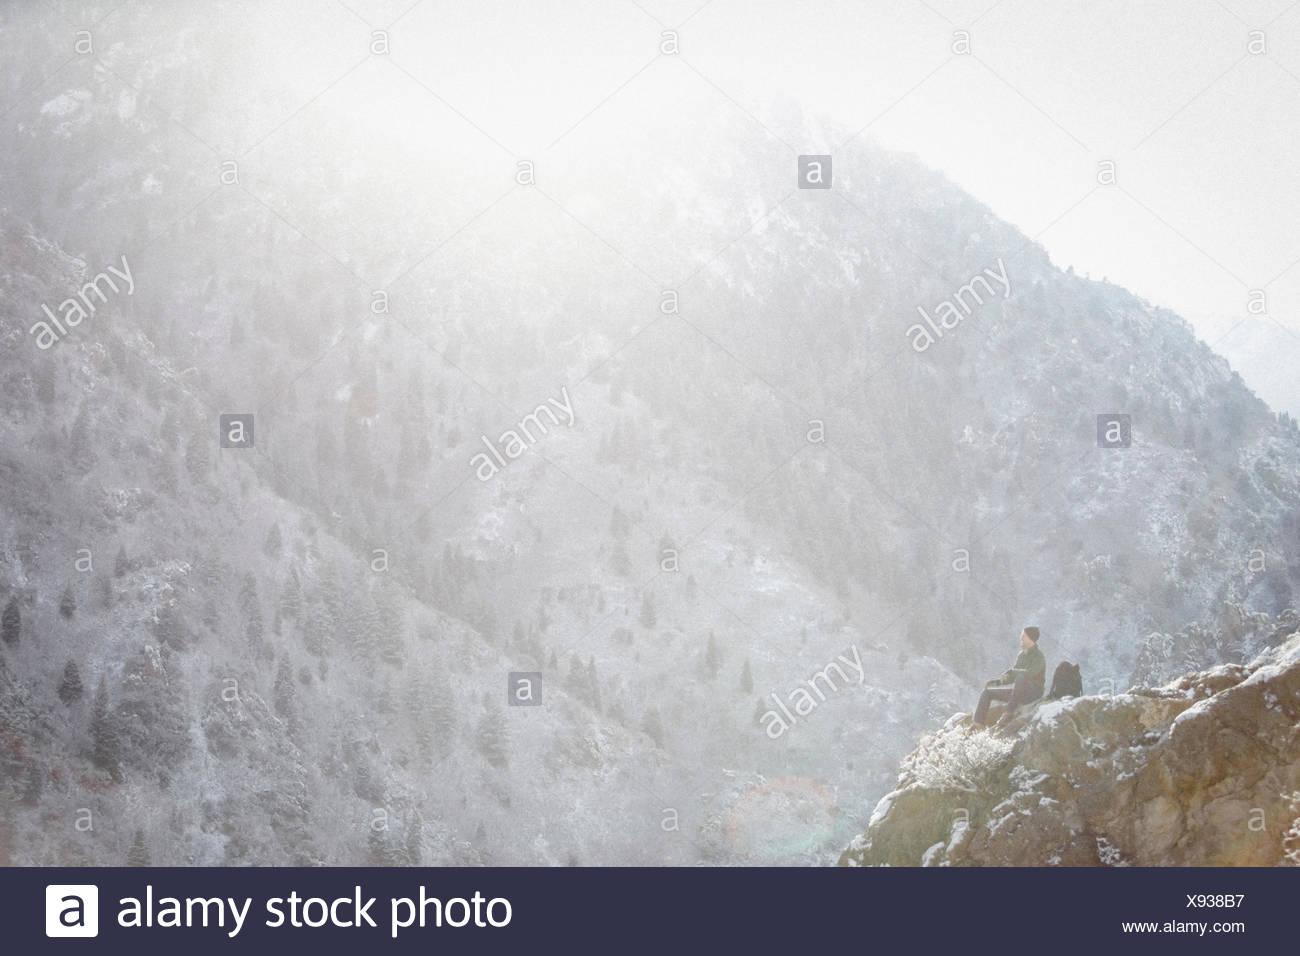 Un uomo, un escursionista in montagna, prendendo un riposo su uno sperone di roccia al di sopra di una valle. Immagini Stock